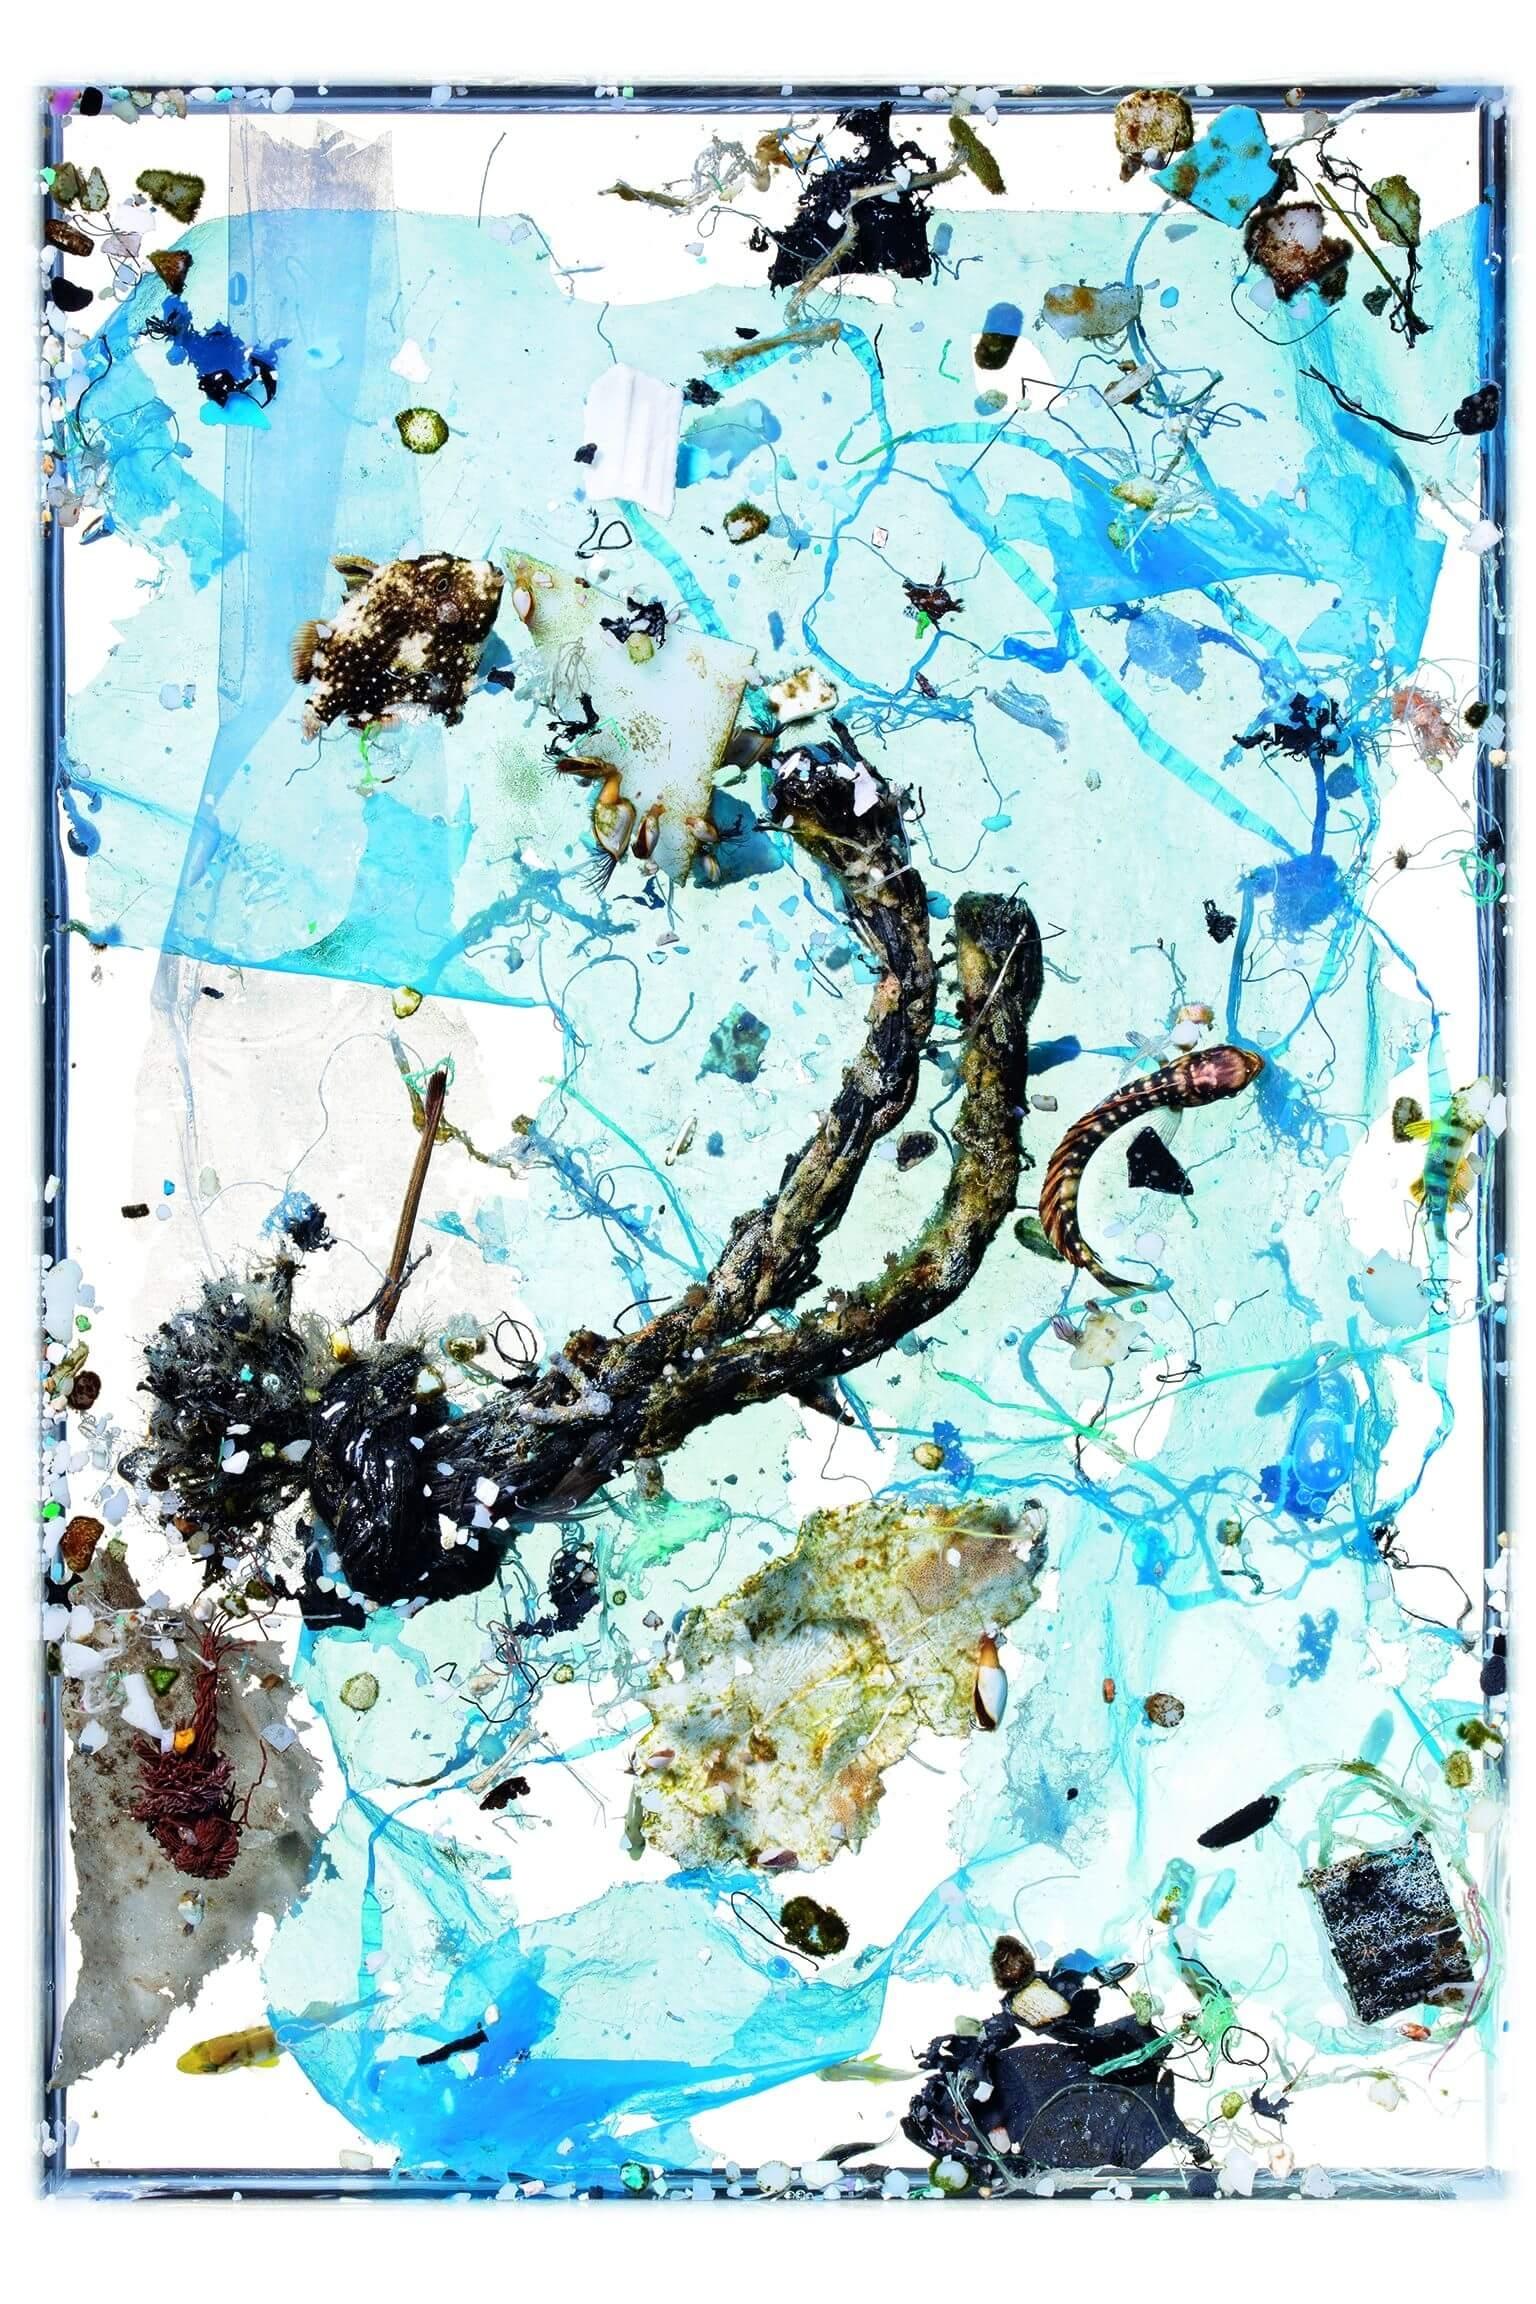 這份海水樣本中,藍色塑膠袋已開始分解;兩條扭曲變形的漁網繩頭讓藻類和其他生物聚集其上;一條體長不到5公分帶有斑紋的鬼頭刀仔魚(中右)轉身游離繩子;一條2.5公分長的鱗魨則游向一塊三角形白色塑膠碎片,這隻鱗魨約十週大,差不多到了返回礁石的年紀。攝影:大衛.李特舒瓦格 David Liittschwager,攝於夏威夷凱魯瓦NOAA太平洋島嶼漁業科學中心的臨時野外實驗室。